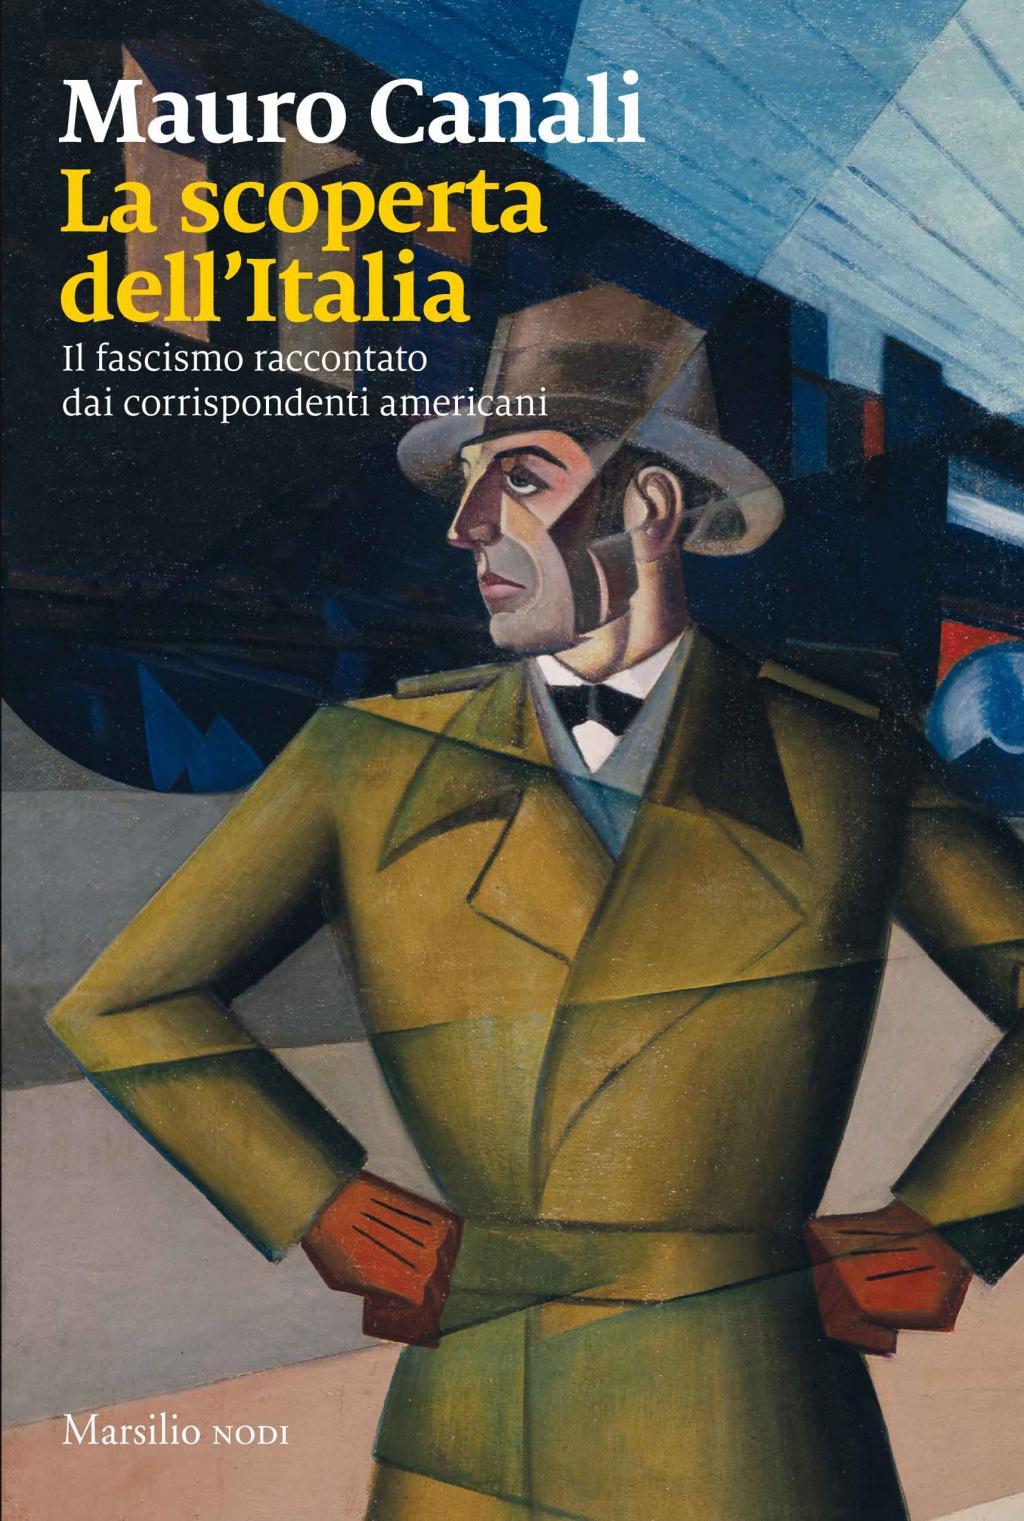 La scoperta dell'Italia book cover